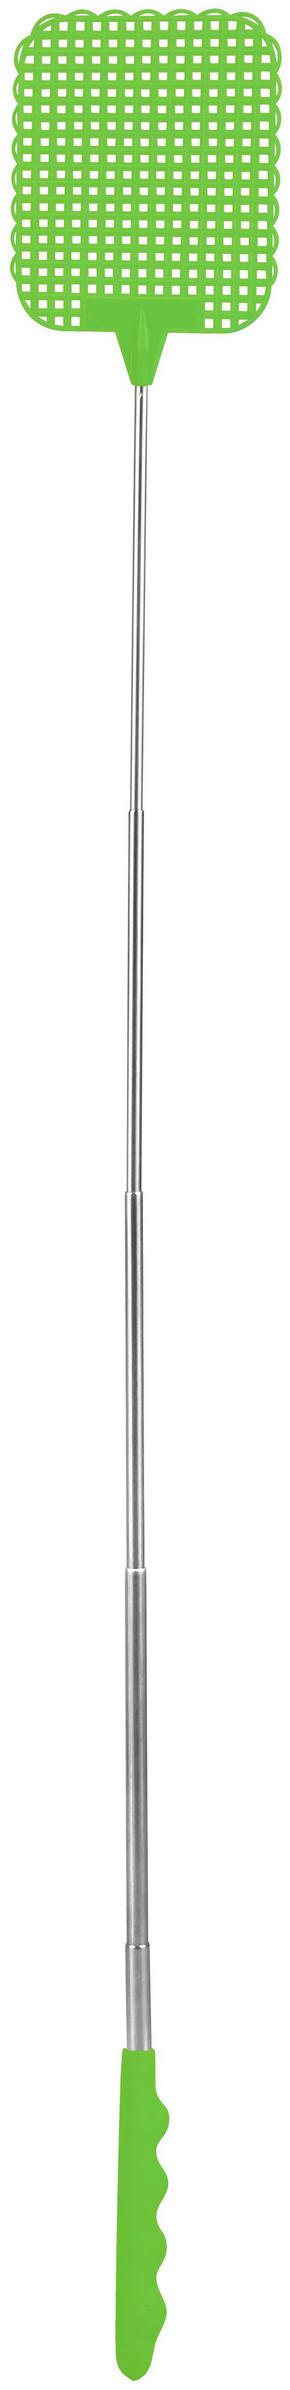 FLUGSMÄLLARE - röd/grön, Basics, metall/plast (26-72cm) - Fackelmann